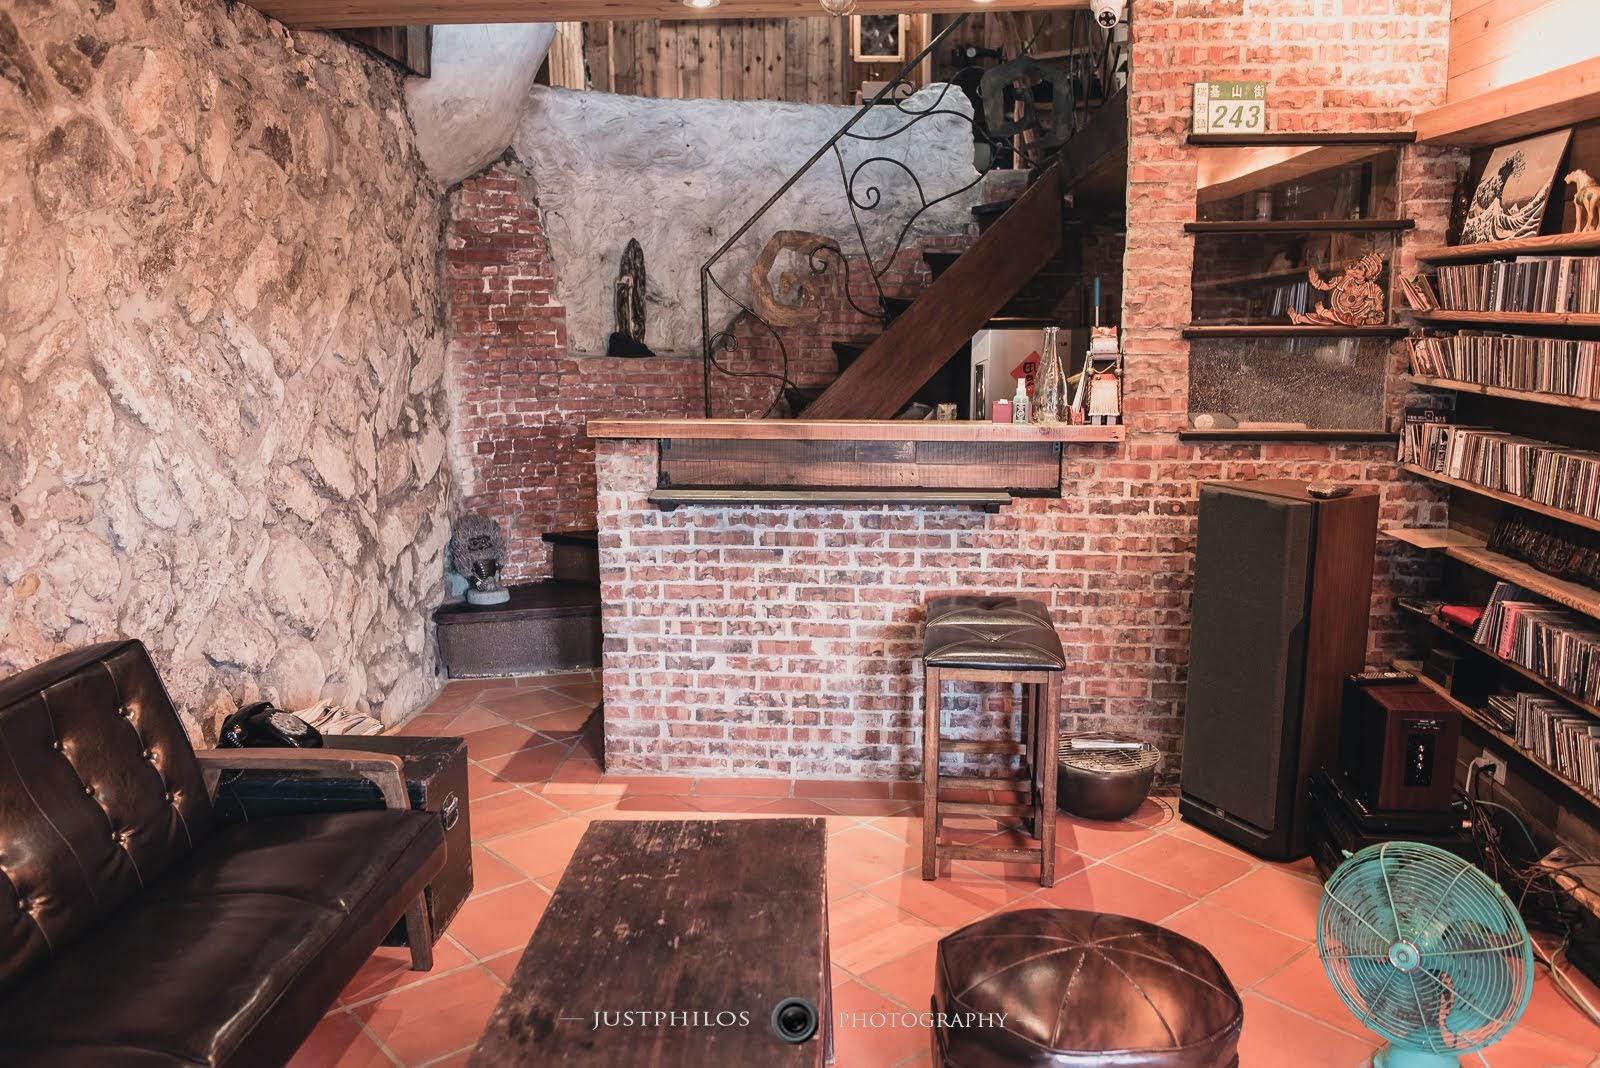 民宿內以復古的形式呈現,有如置身與老宅內的感覺。